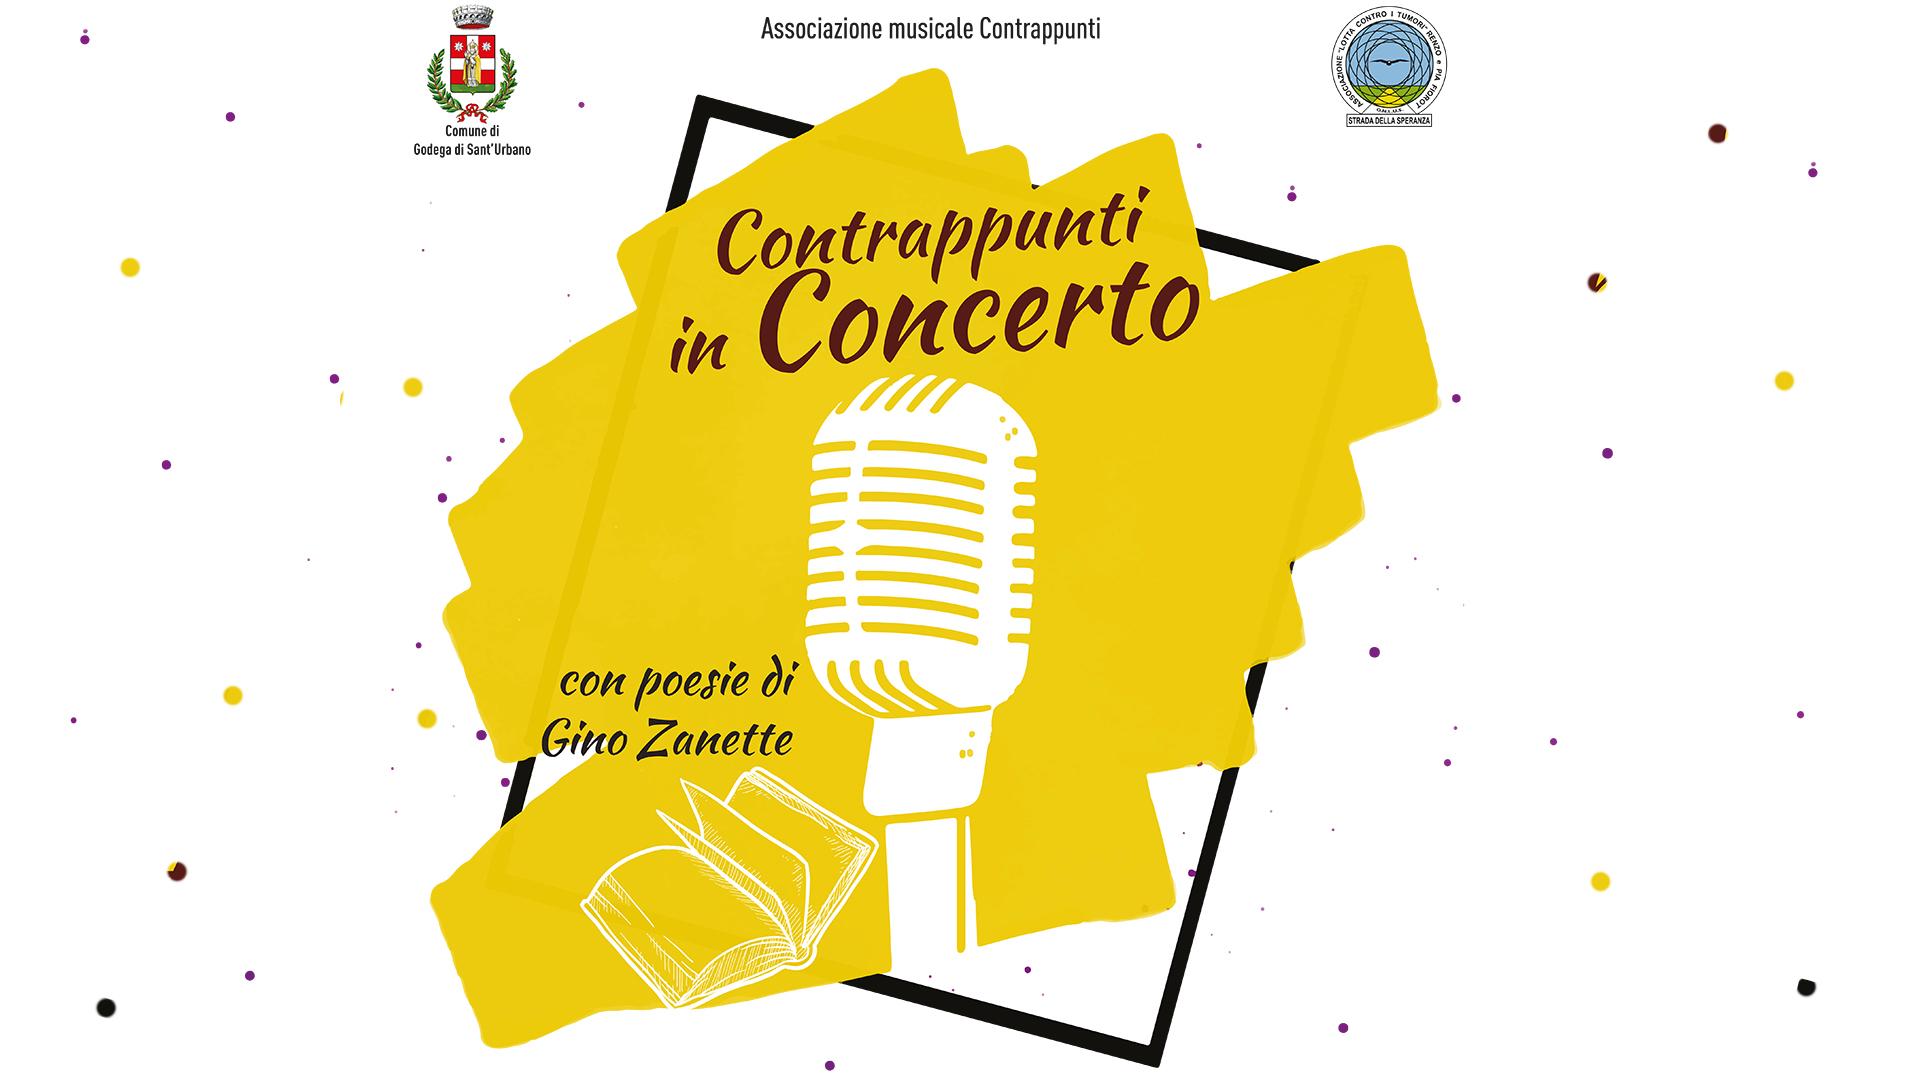 contrappunti concerto locandina